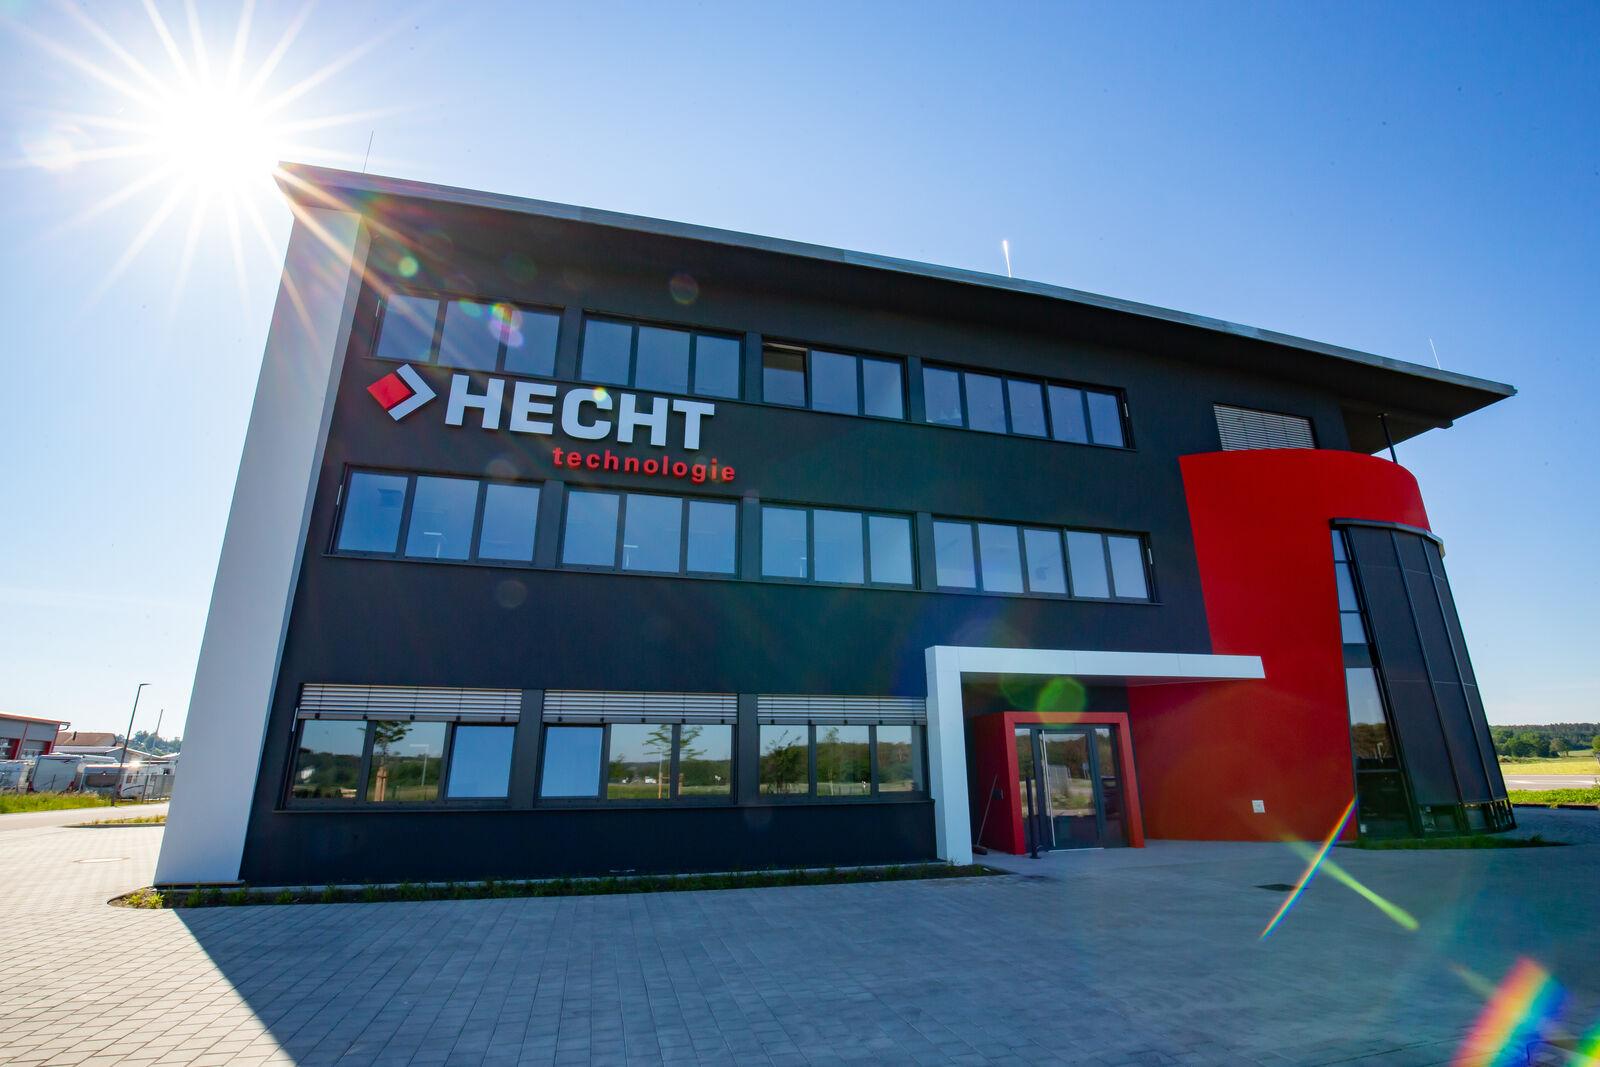 Projektleiter (m/w) - Job Pfaffenhofen - Karriere: HECHT Technologie GmbH